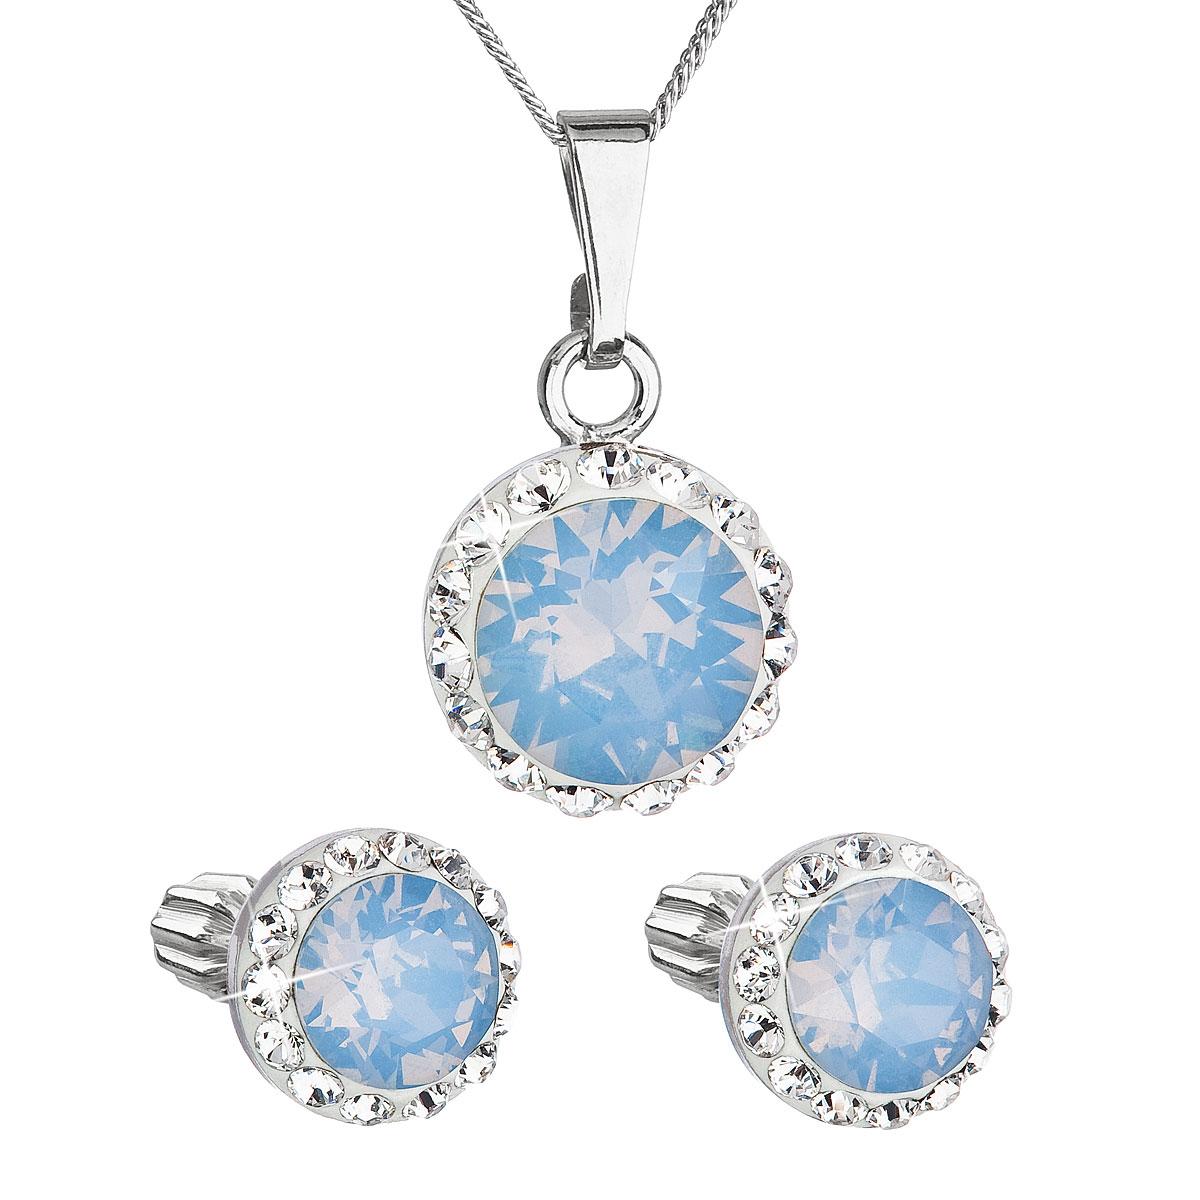 Sada šperkov s krištálmi Swarovski náušnice,retiazka a prívesok modré opálové okrúhle 39352.7